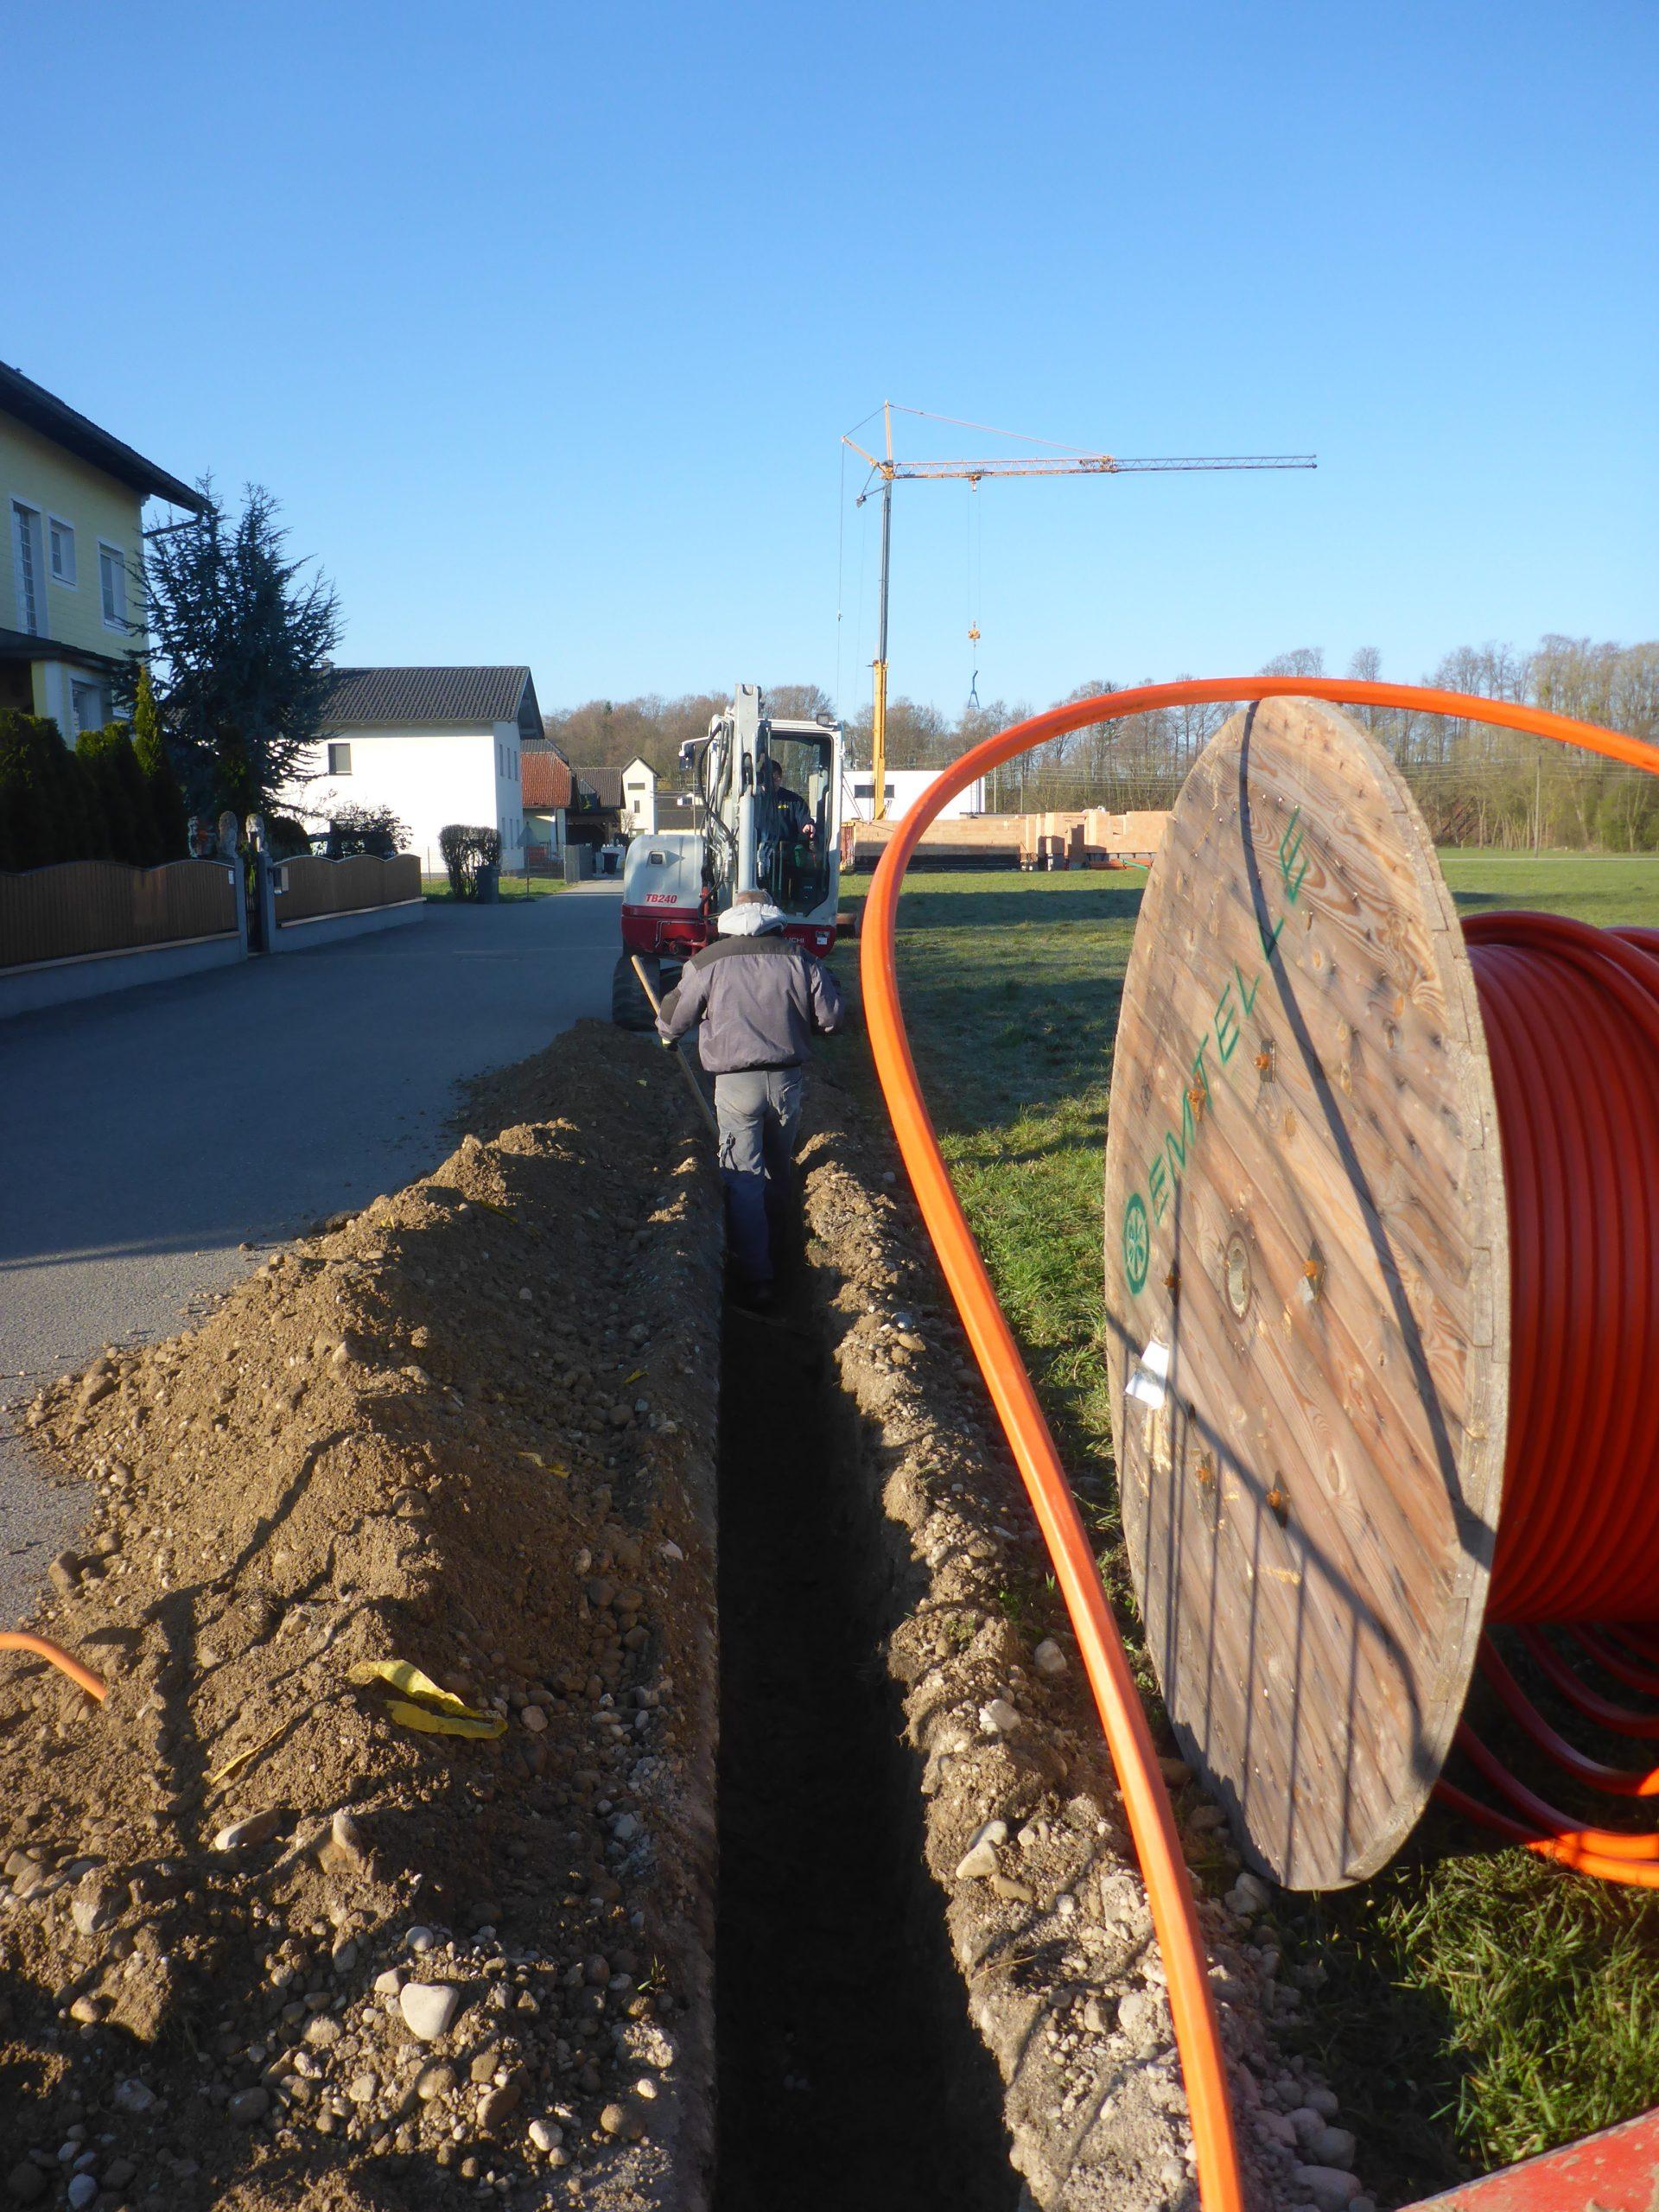 Dieses Bild zeigt die Bauarbeiten im Zuge des Glasfaserausbaues.